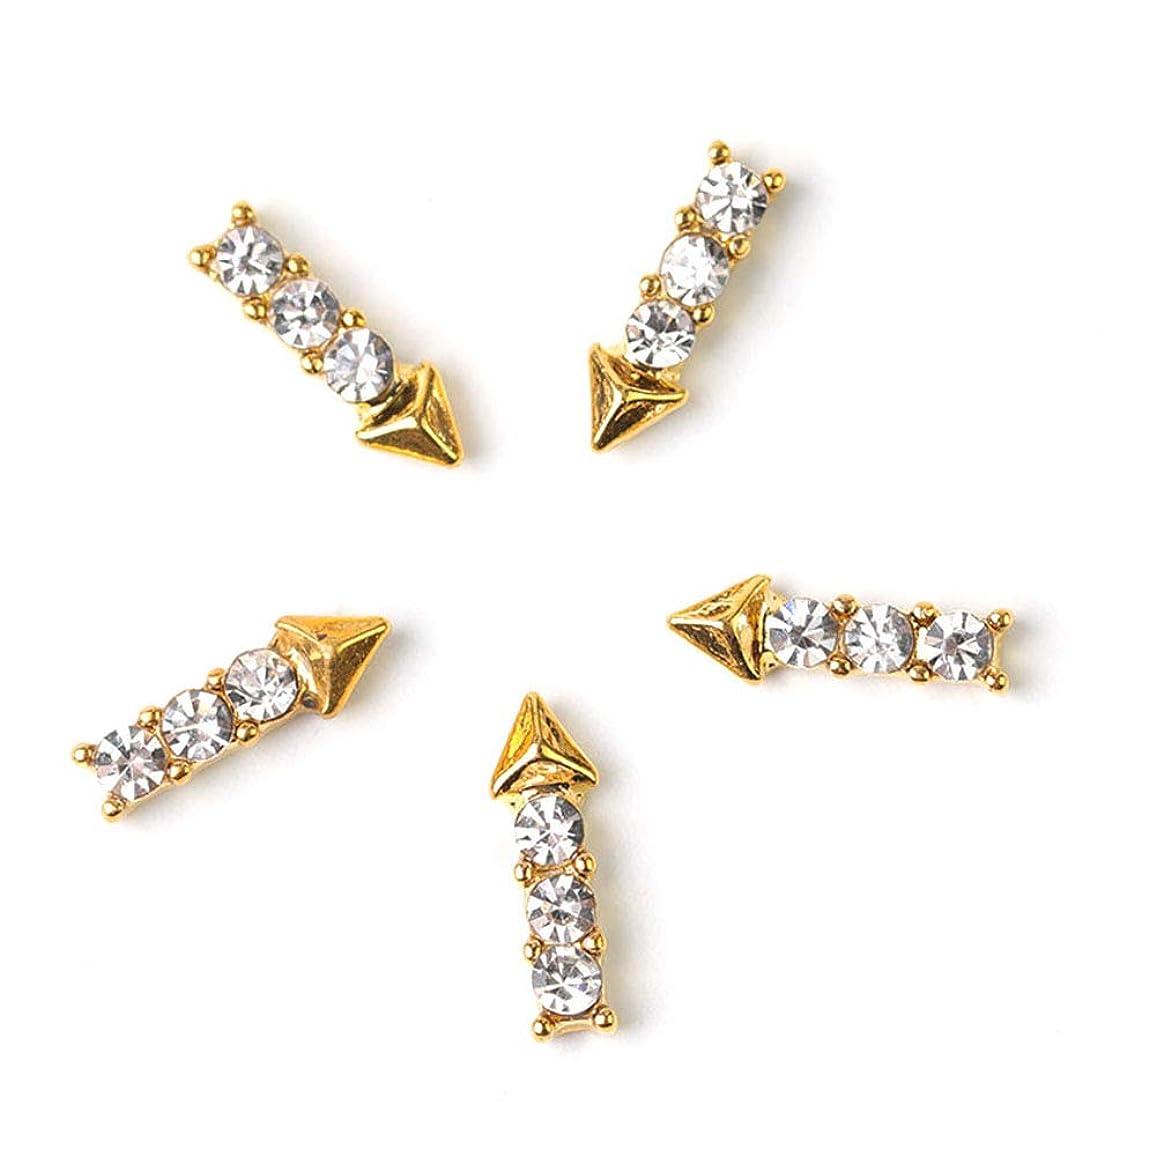 治療スパンウミウシネイルアートの装飾デザインの魅力のための10枚DIY 3Dムーン宝石ラインストーン合金マニキュアのジュエリーアクセサリー